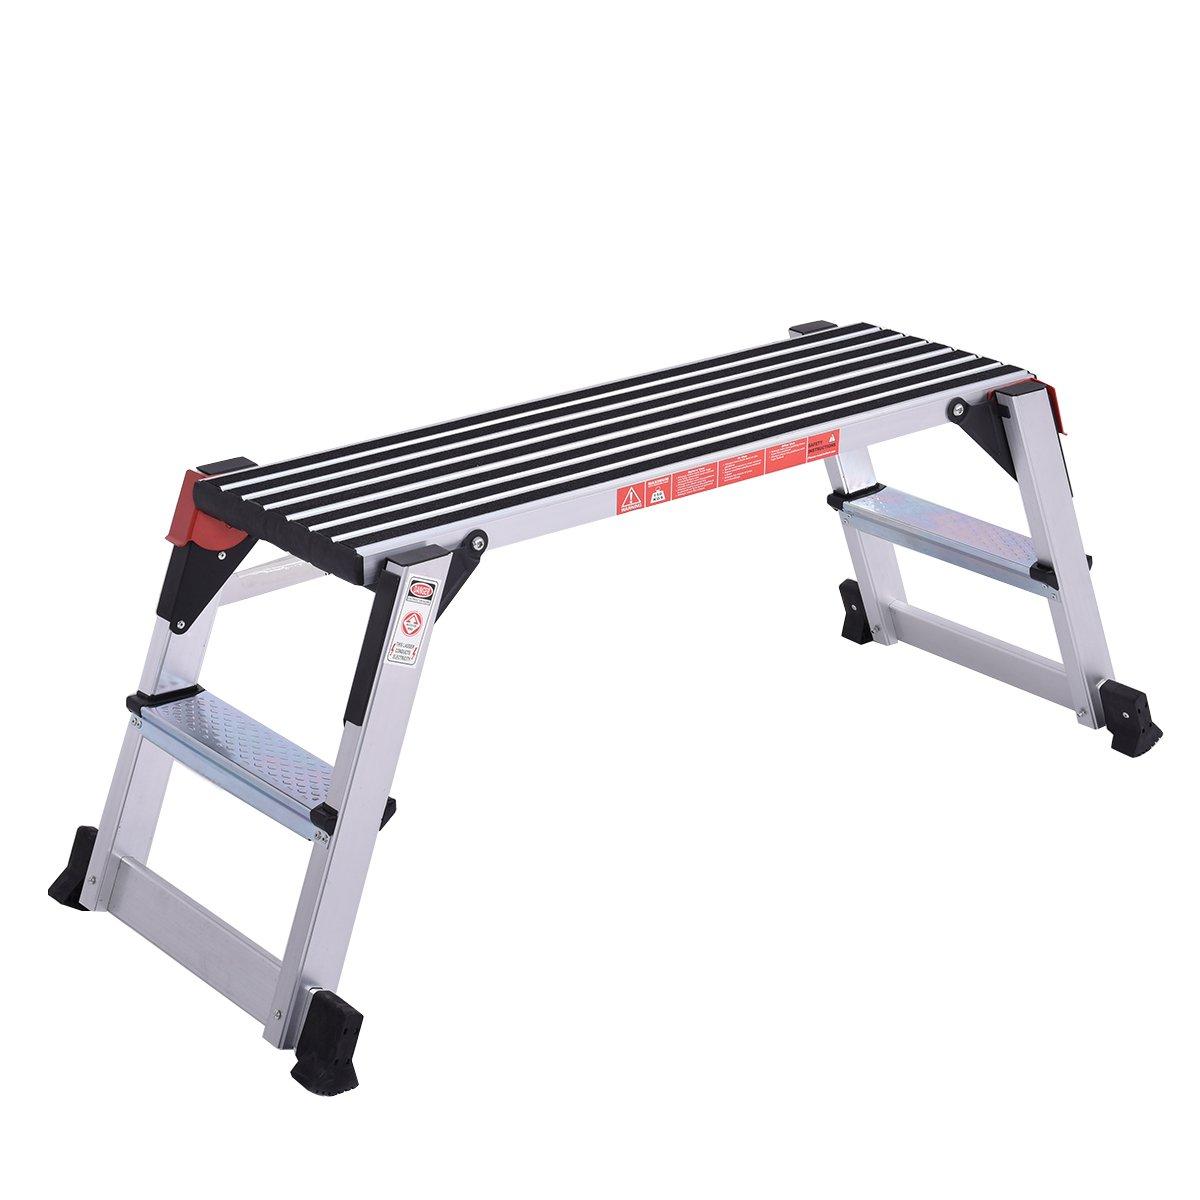 Giantex Aluminum Platform For Multi-Purposes